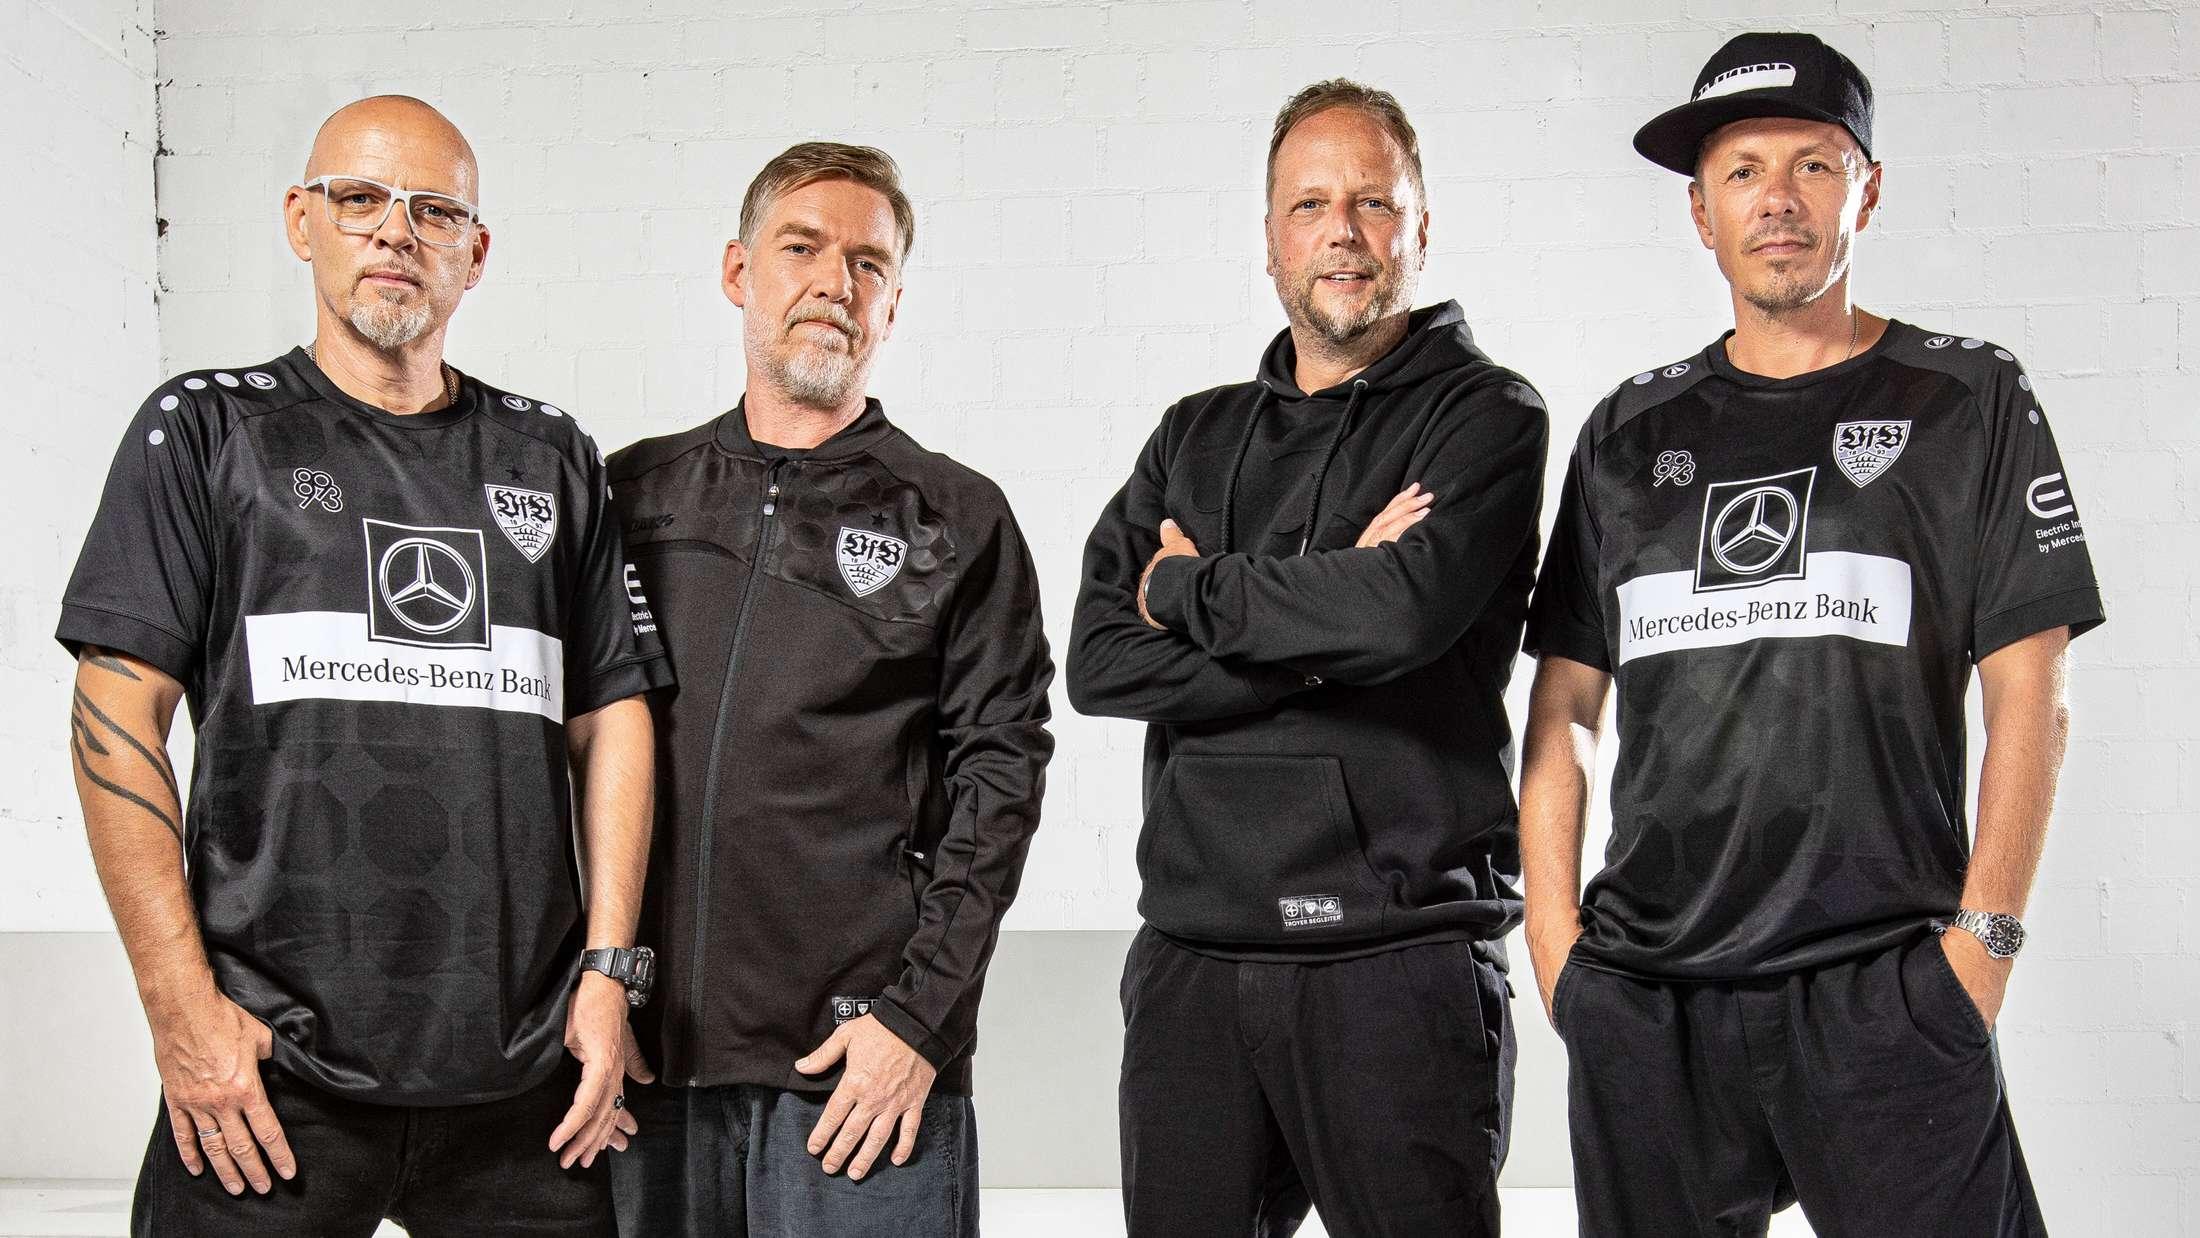 VfB Stuttgart Trikot Die Fantastischen Vier